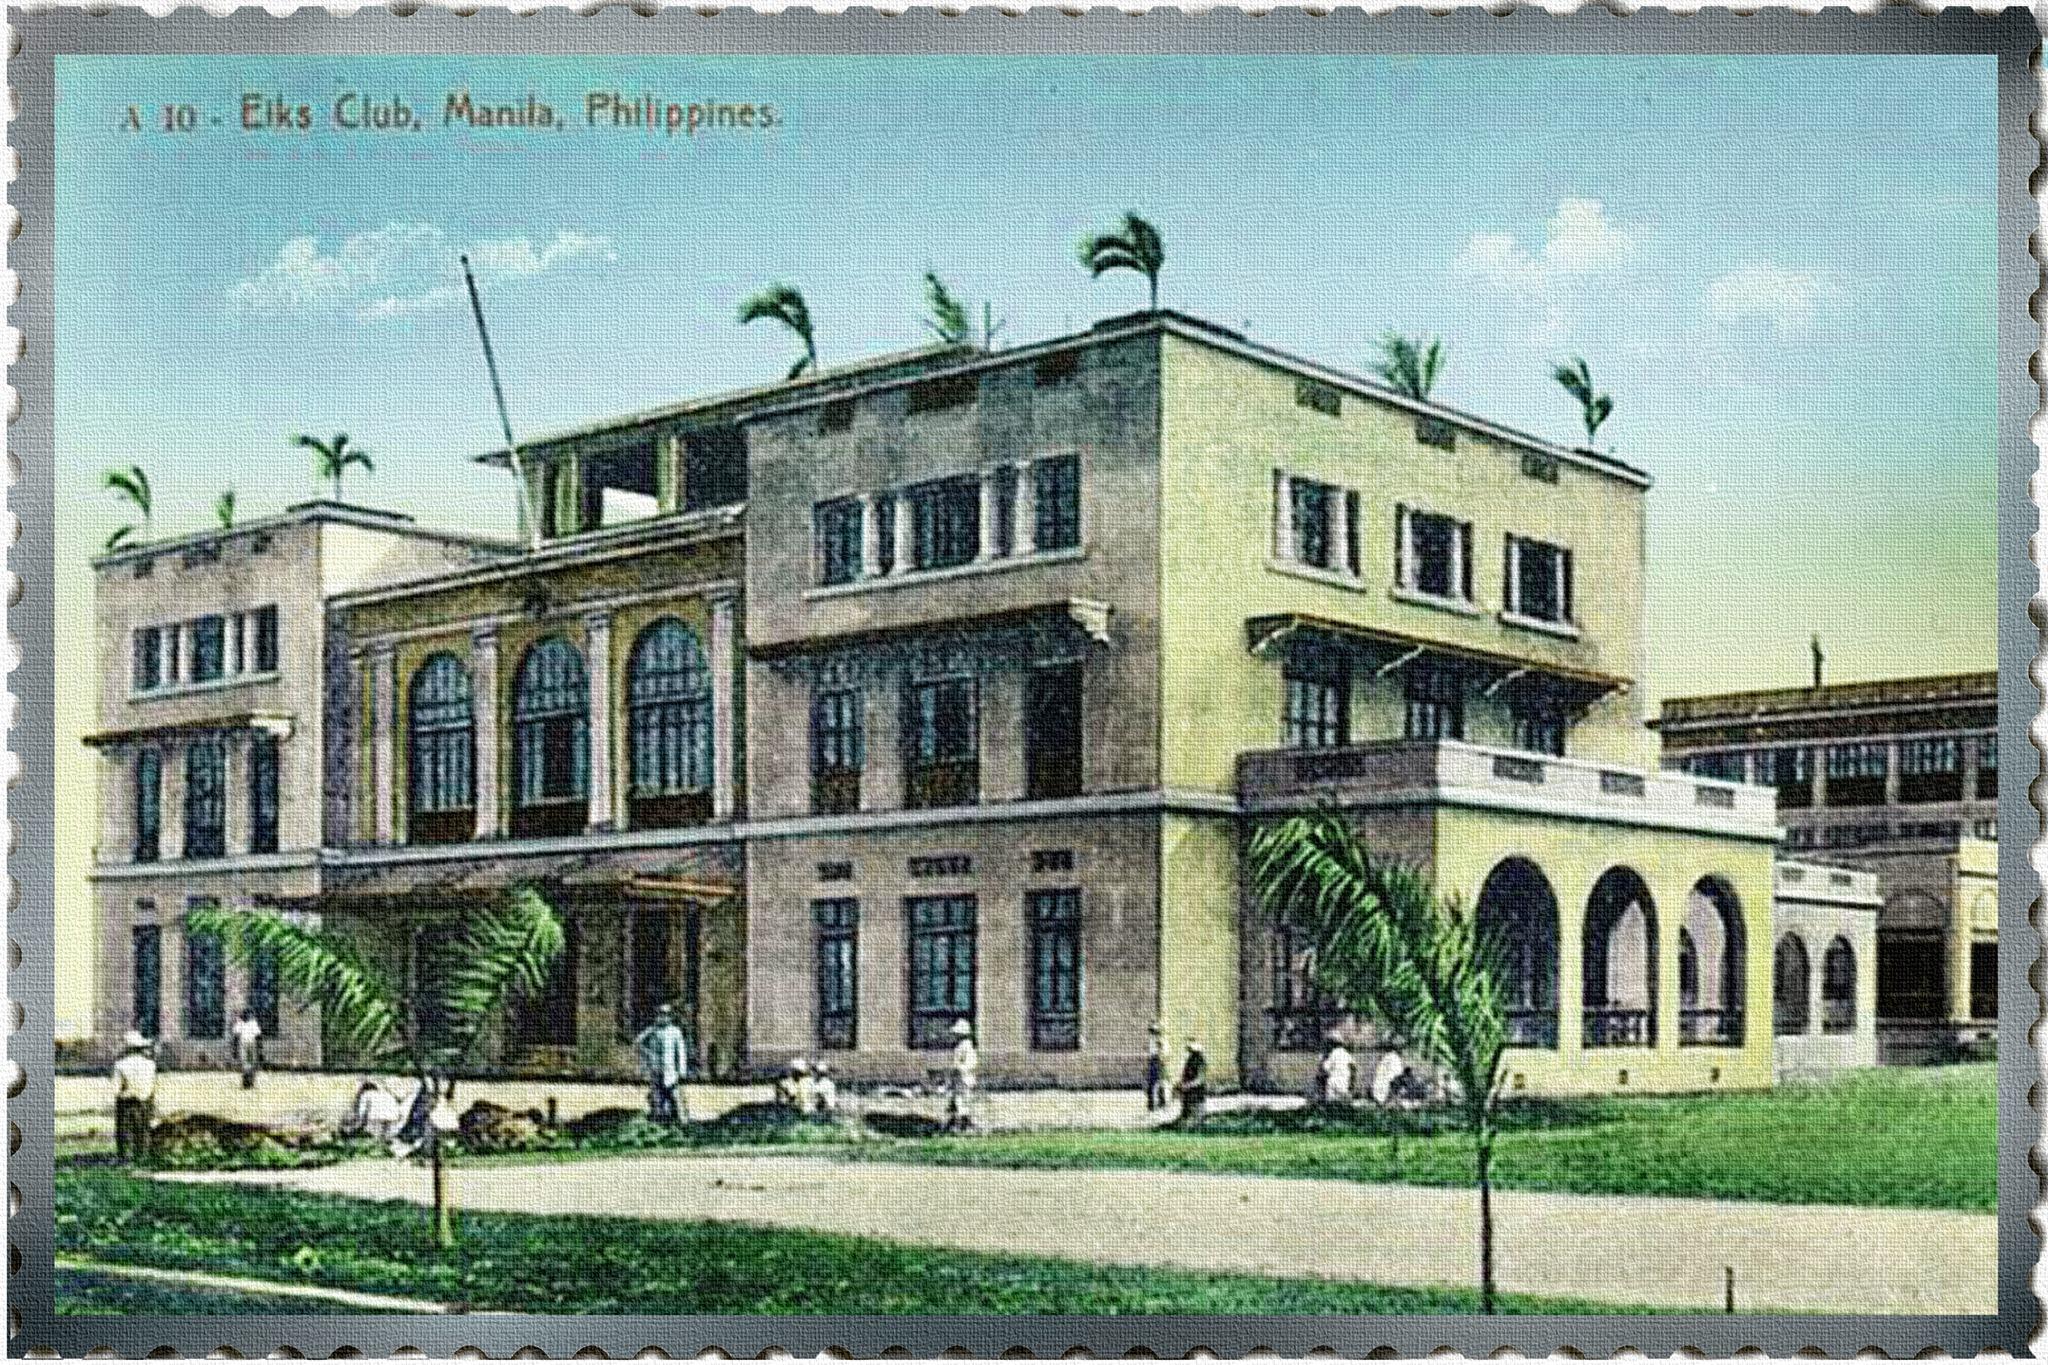 Elks Club Manila Philippines